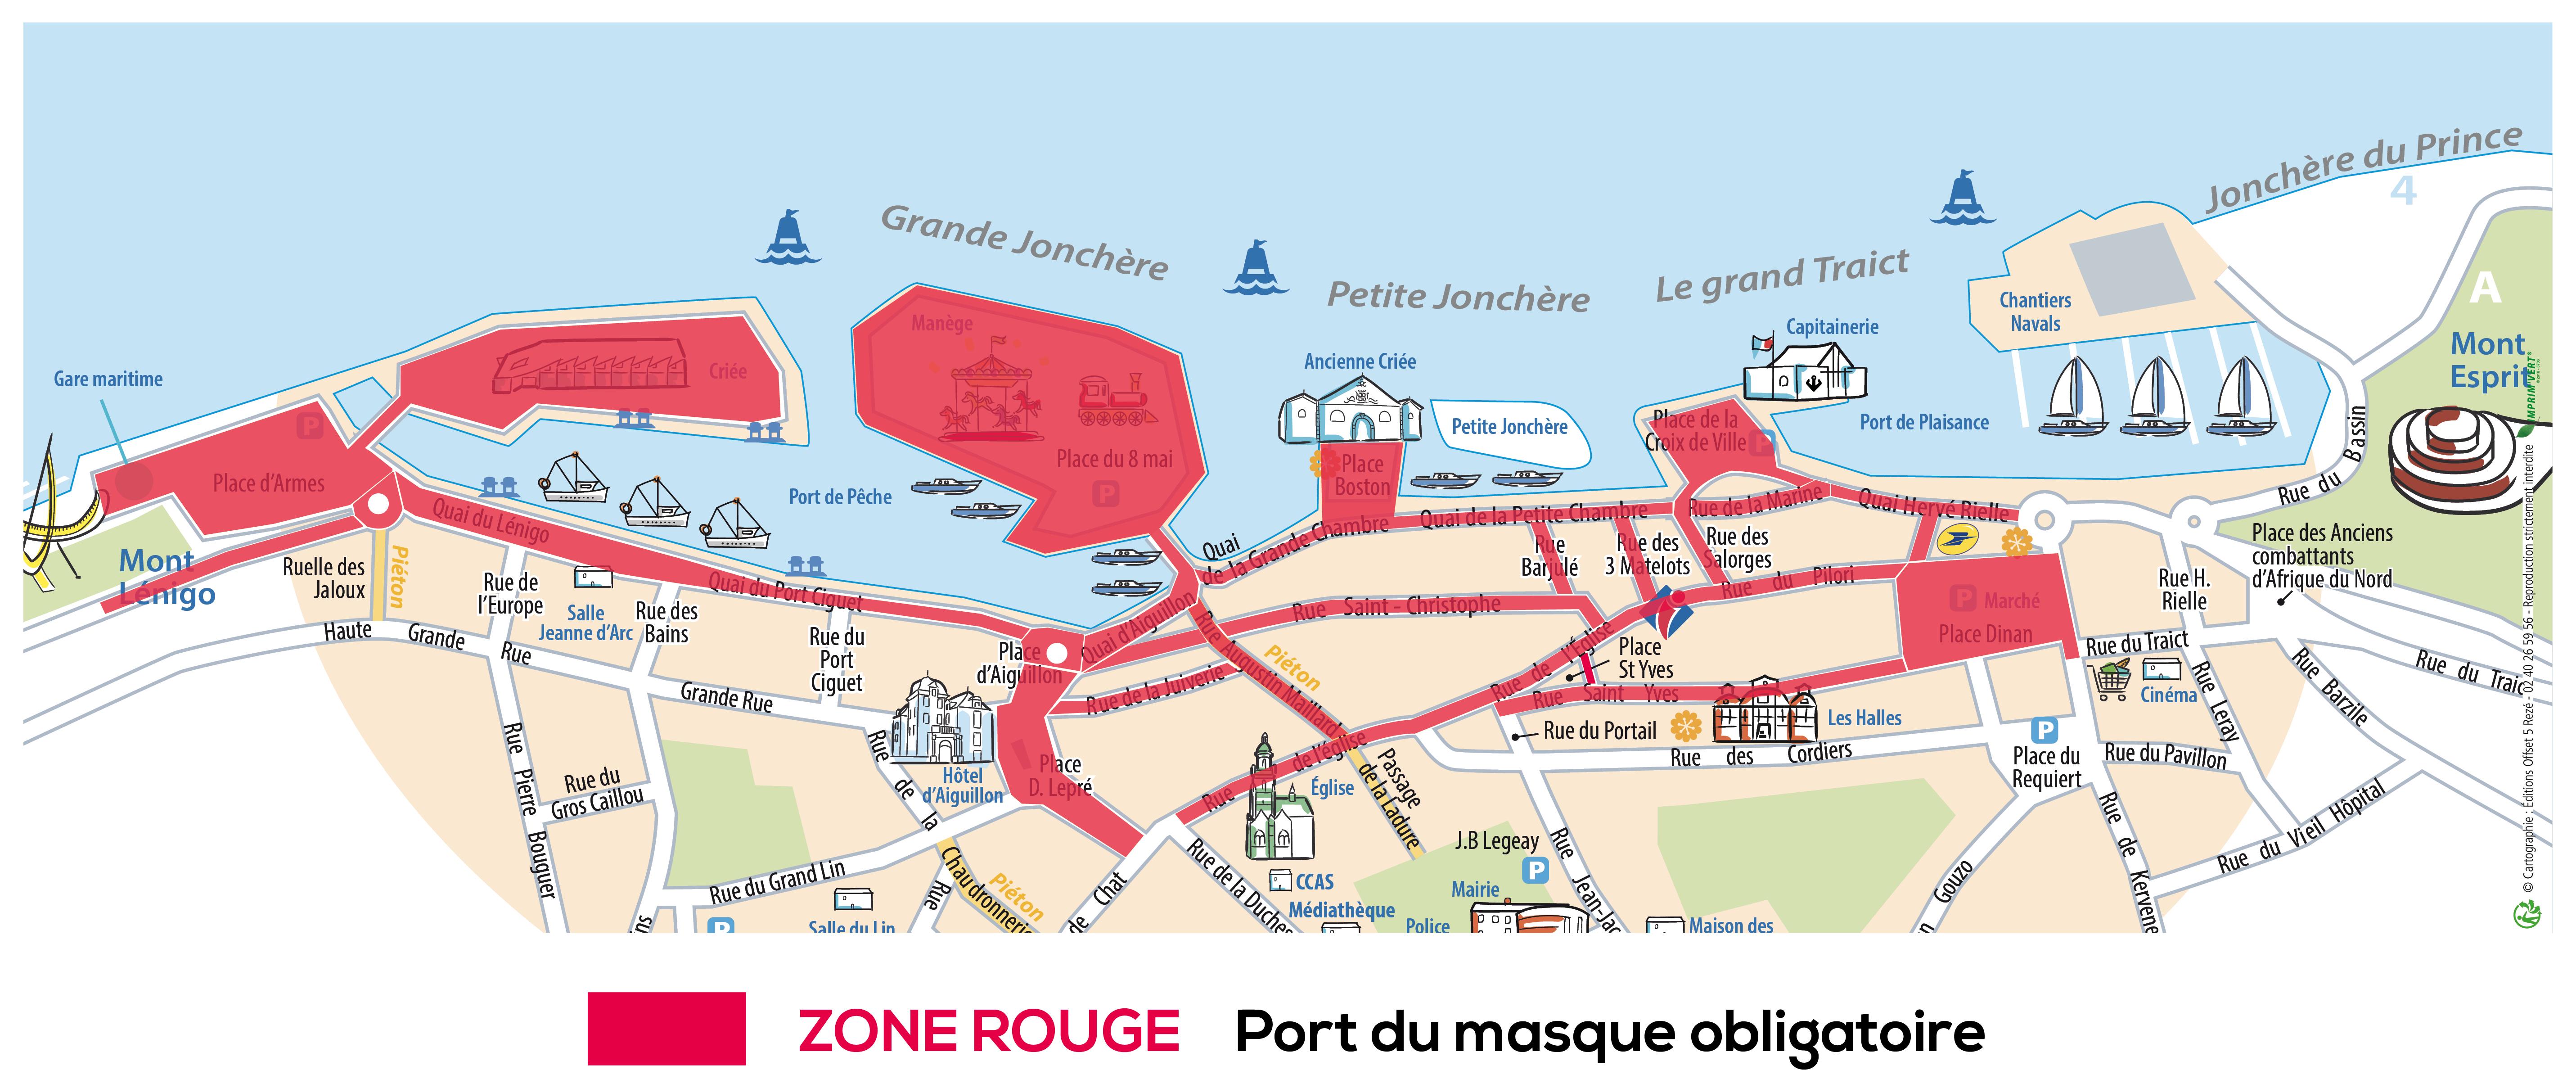 Centre-ville - Port du masque obligatoire.jpg